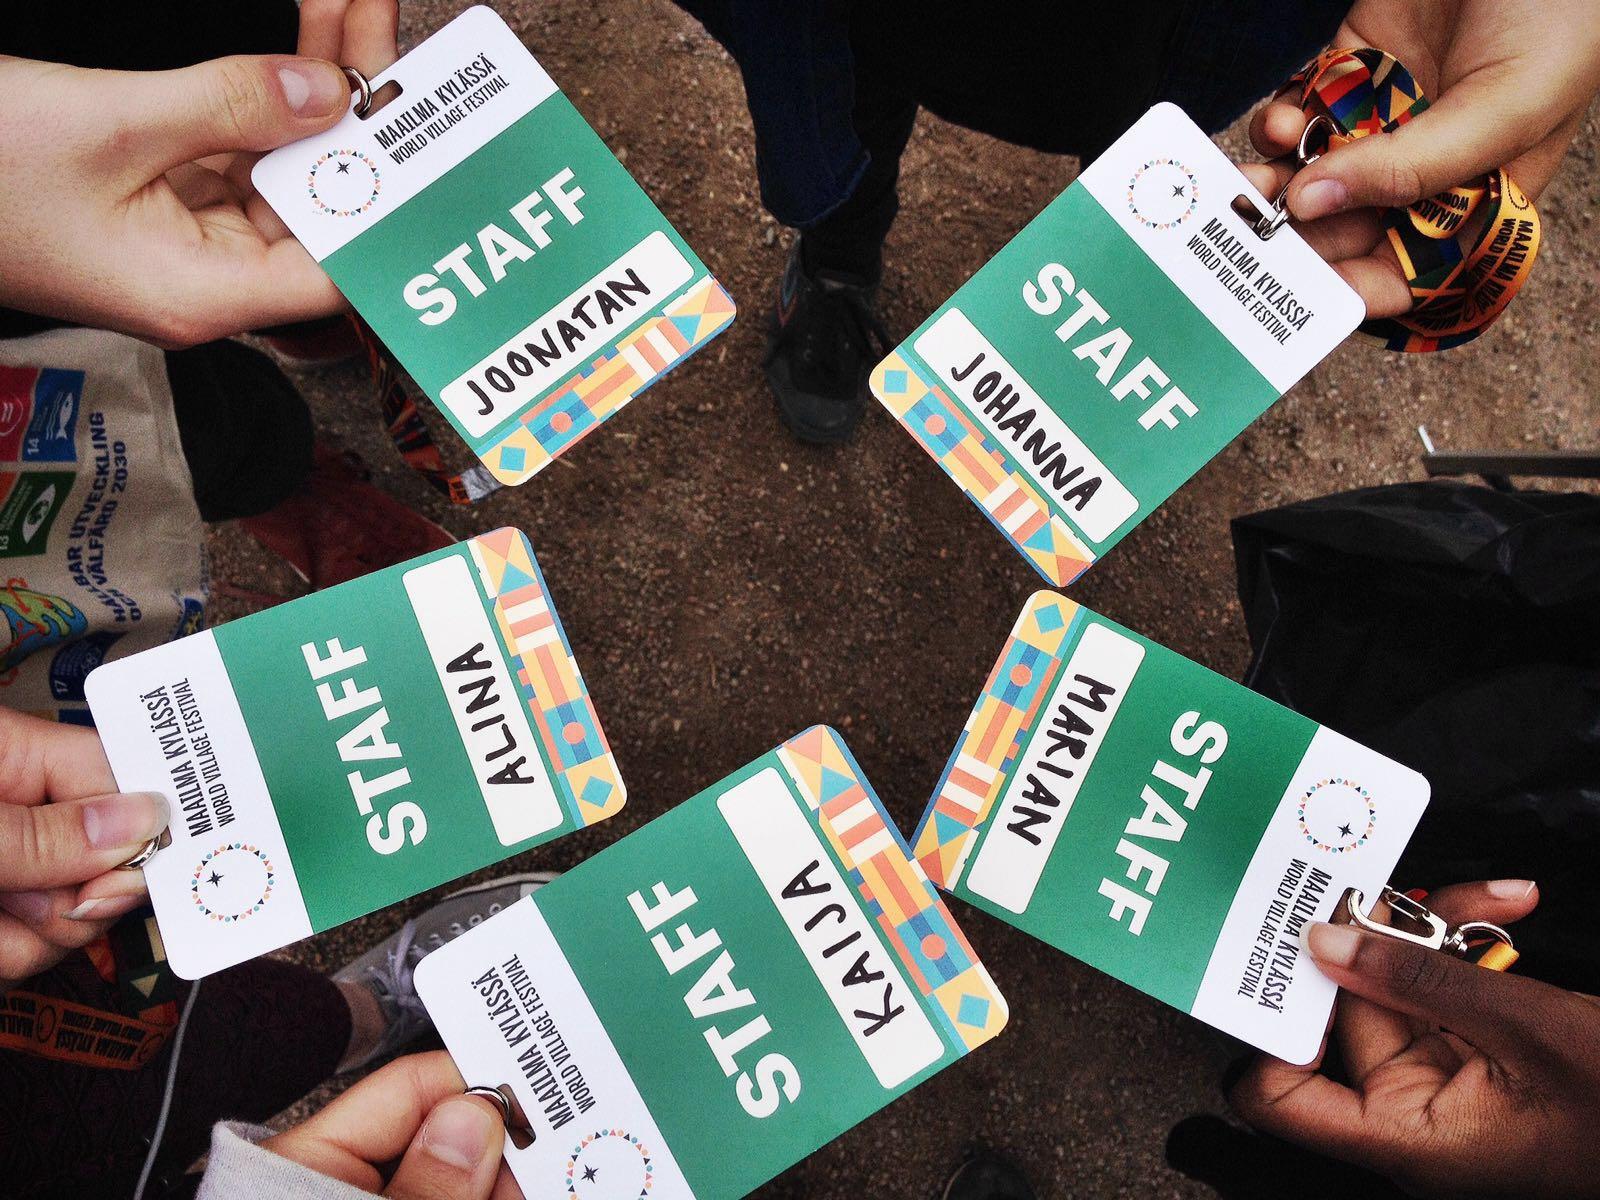 Viisi vihreä valkoista Maailmakylässä staffkorttia, noita ihmiset pitävät sormillaan kiinni muodostaen ympyrän, korteissa etunimi.